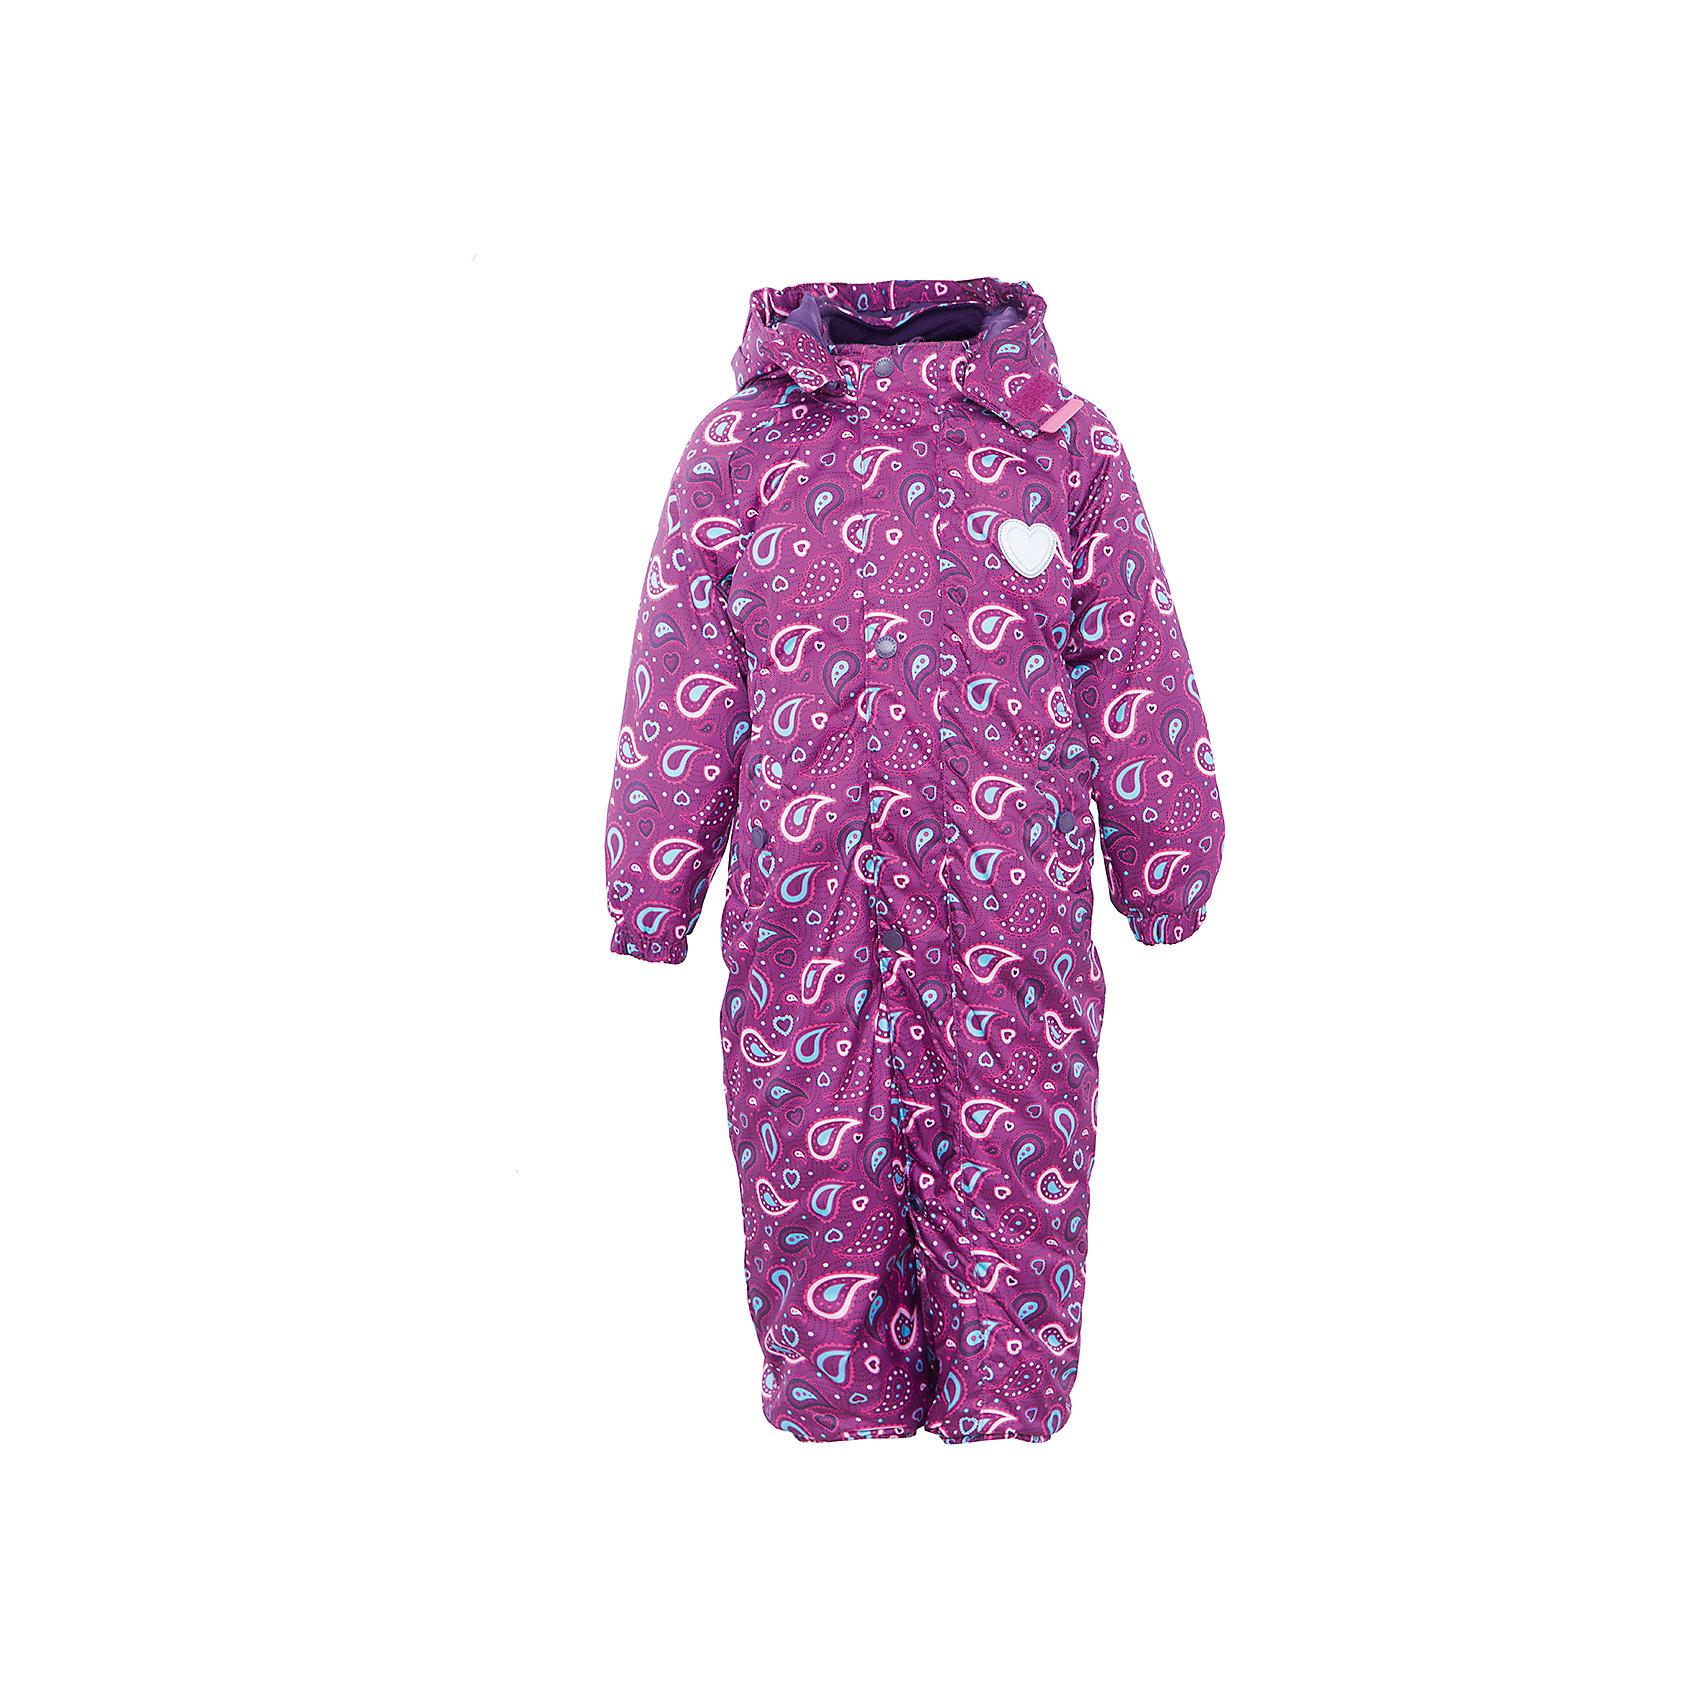 Комбинезон для девочки PremontВерхняя одежда<br>Характеристики товара:<br><br>• цвет: фиолетовый<br>• состав: мембрана 3000мм/3000г/м2/24h<br>• подкладка: трикотаж, Taffeta <br>• утеплитель - Tech-polyfill (120г/м2)<br>• светоотражающие элементы<br>• температурный режим: от -5°С до +10°С<br>• застежка - молния<br>• капюшон съемный с утяжкой<br>• принт<br>• ветронепроницаемый, водо- и грязеотталкивающий и дышащий материал<br>• эластичные манжеты<br>• комфортная посадка<br>• страна бренда: Канада<br><br>Демисезонный комбинезон - универсальный вариант и для прохладной осени, и для первых заморозков. Эта модель - модная и удобная одновременно! Комбинезон отличается стильным ярким дизайном. Комплект хорошо сидит по фигуре, отлично сочетается с различной обувью. Вещь была разработана специально для детей.<br><br>Одежда от канадского бренда Premont уже завоевала популярностью у многих детей и их родителей. Вещи, выпускаемые компанией, качественные, продуманные и очень удобные. Для производства коллекций используются только безопасные для детей материалы.<br><br>Комбинезон для девочки от бренда Premont можно купить в нашем интернет-магазине.<br><br>Ширина мм: 356<br>Глубина мм: 10<br>Высота мм: 245<br>Вес г: 519<br>Цвет: розовый<br>Возраст от месяцев: 18<br>Возраст до месяцев: 24<br>Пол: Женский<br>Возраст: Детский<br>Размер: 92,98,68,74,80,86<br>SKU: 5352923